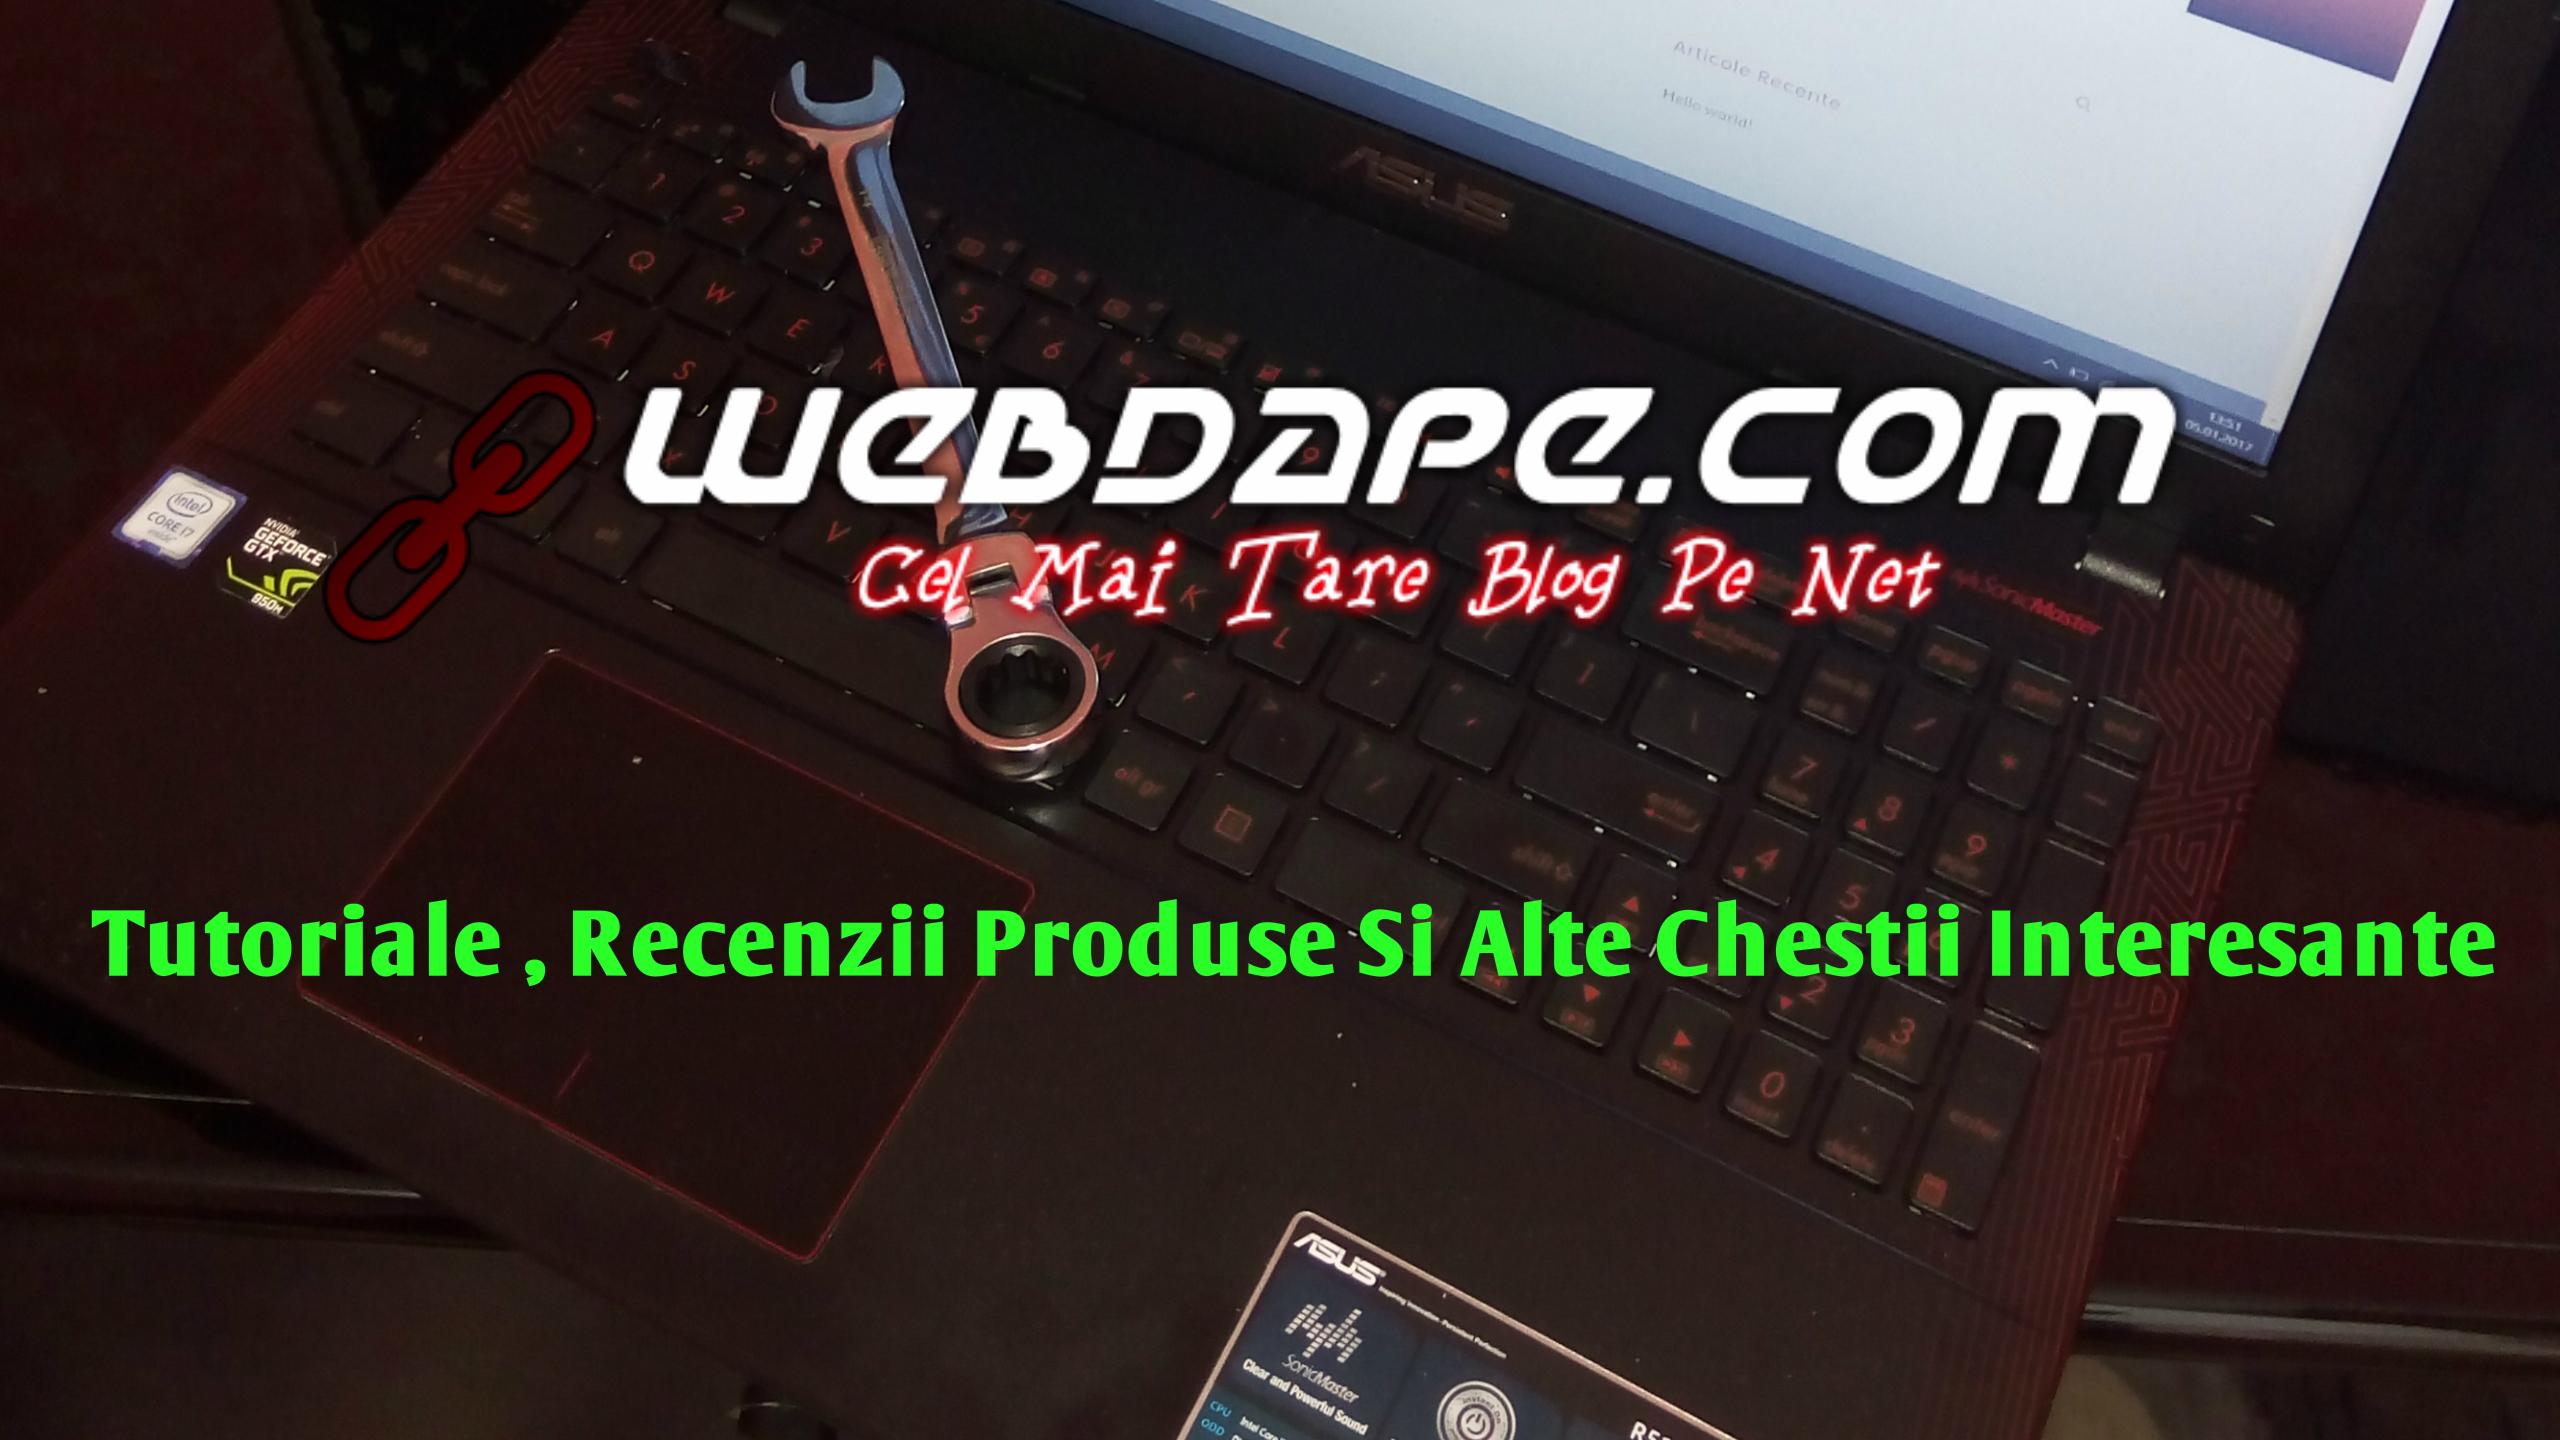 webdape.com cel mai bun website cu informatii despre diferite produse